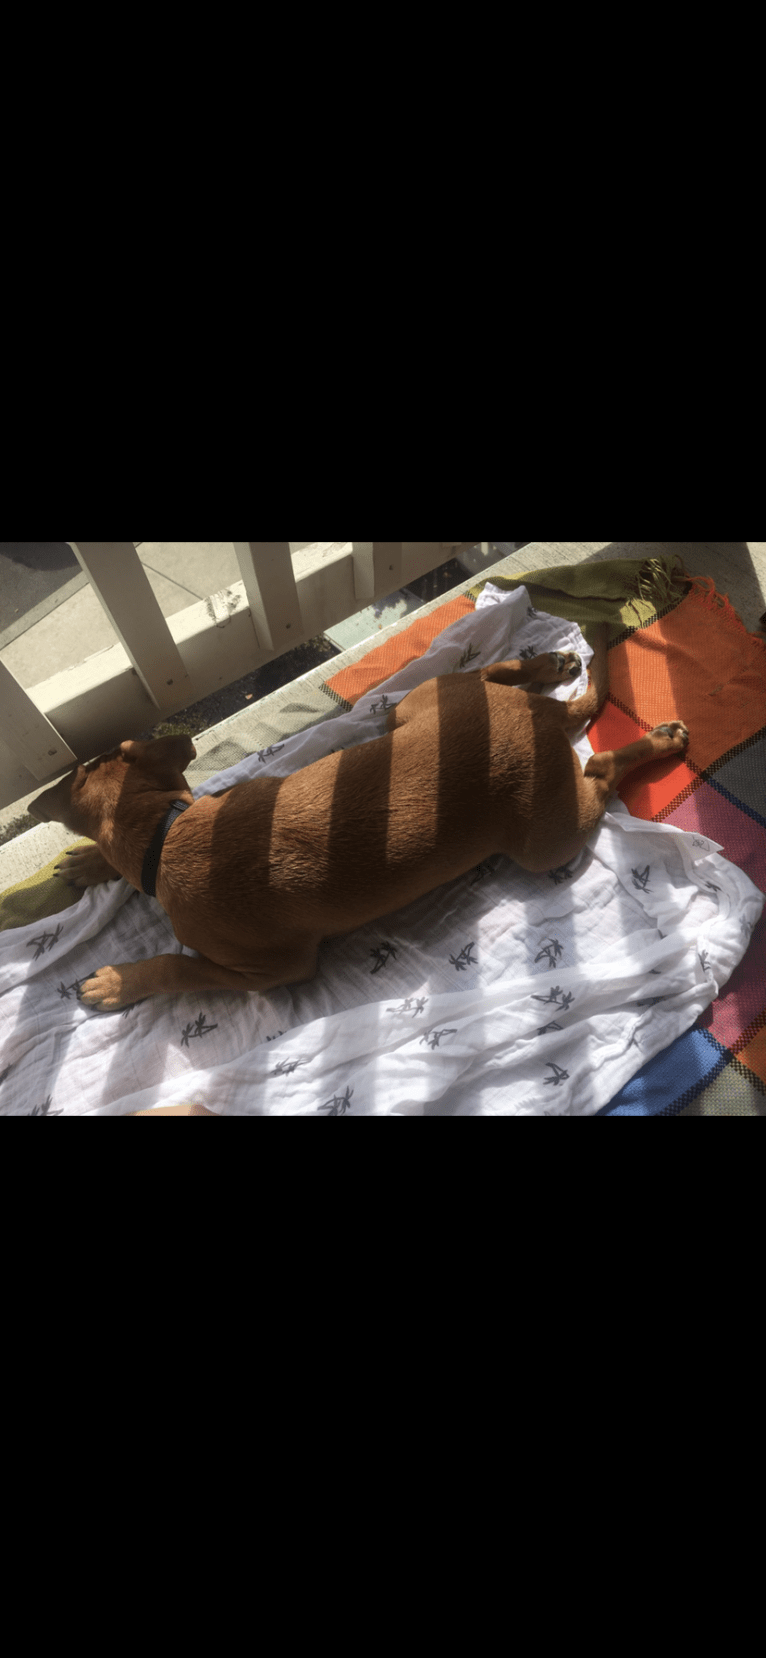 Photo of Leeloo, an American Bully and Chihuahua mix in Bonadelle Ranchos-Madera Ranchos, California, USA